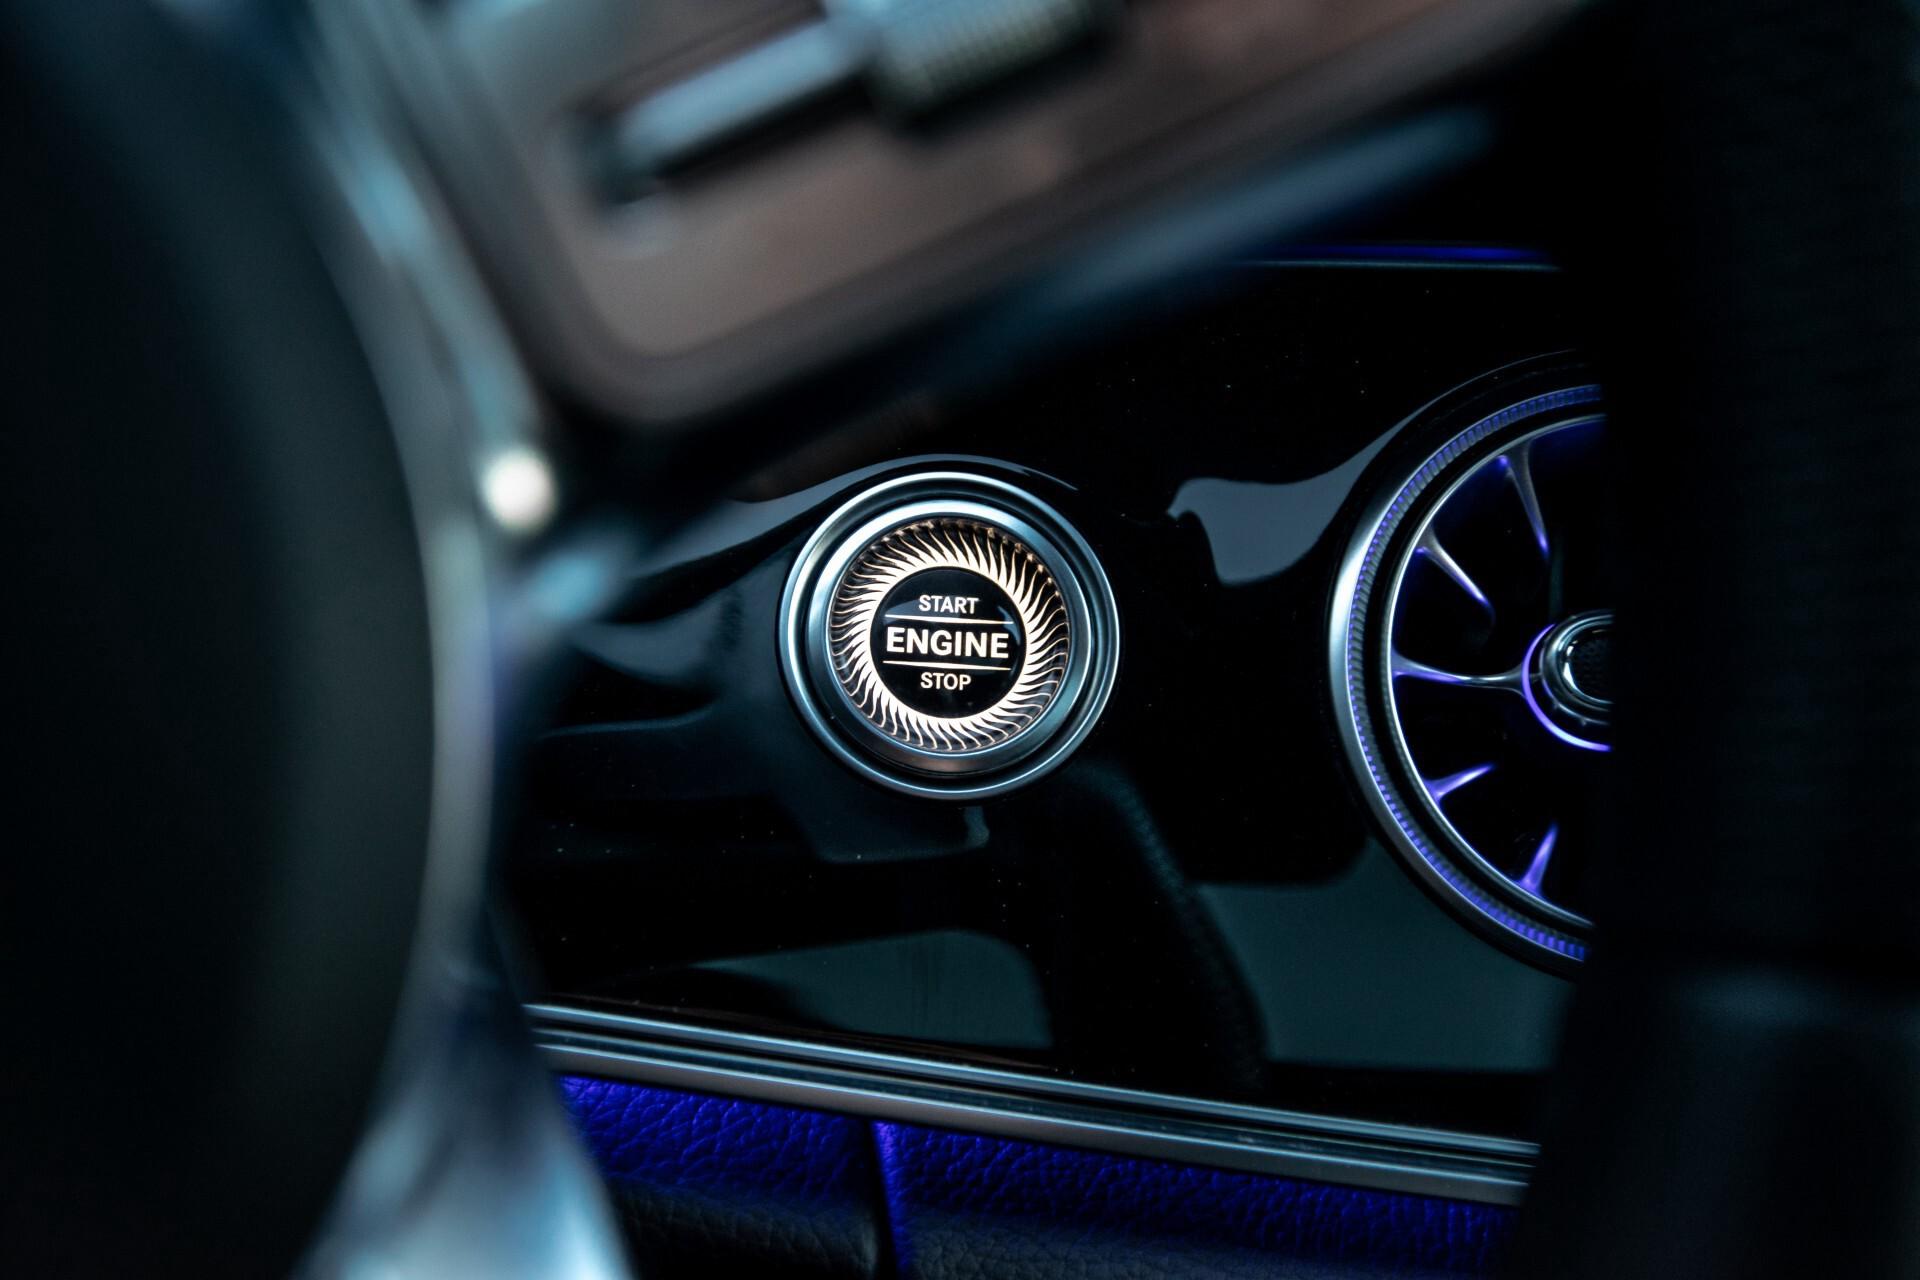 """Mercedes-Benz AMG GT 4-Door Coupe 43 4M+ 21""""/Performance Uitlaat/Massage/Rij-assist/Keyless/Burmester/5-persoons Aut9 Foto 15"""